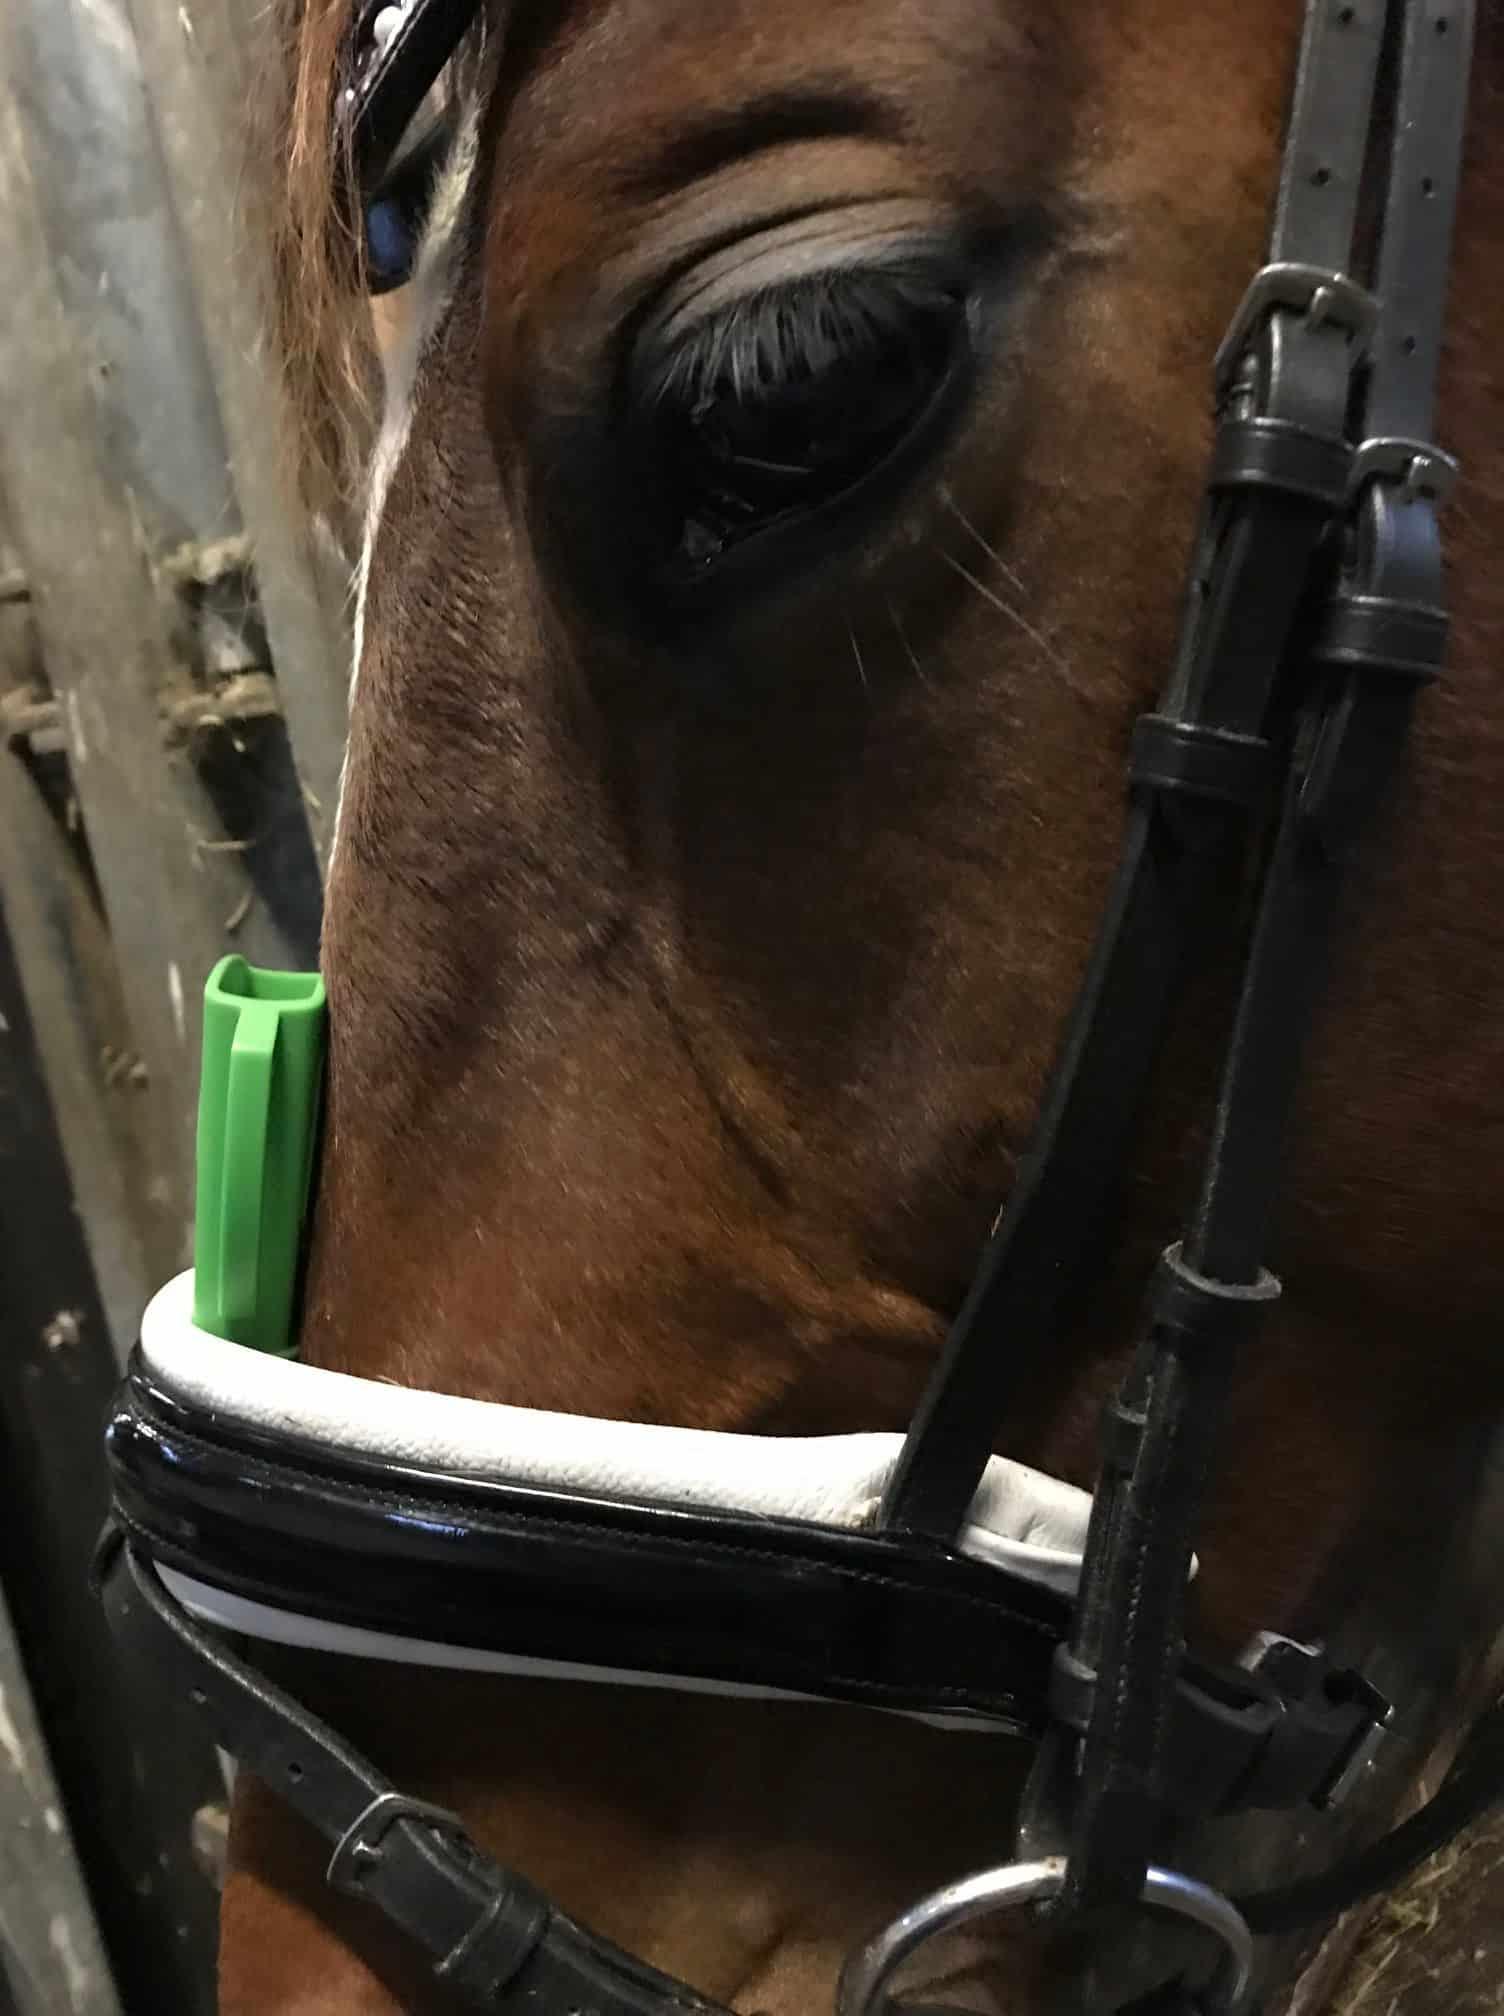 næsebånd hos heste